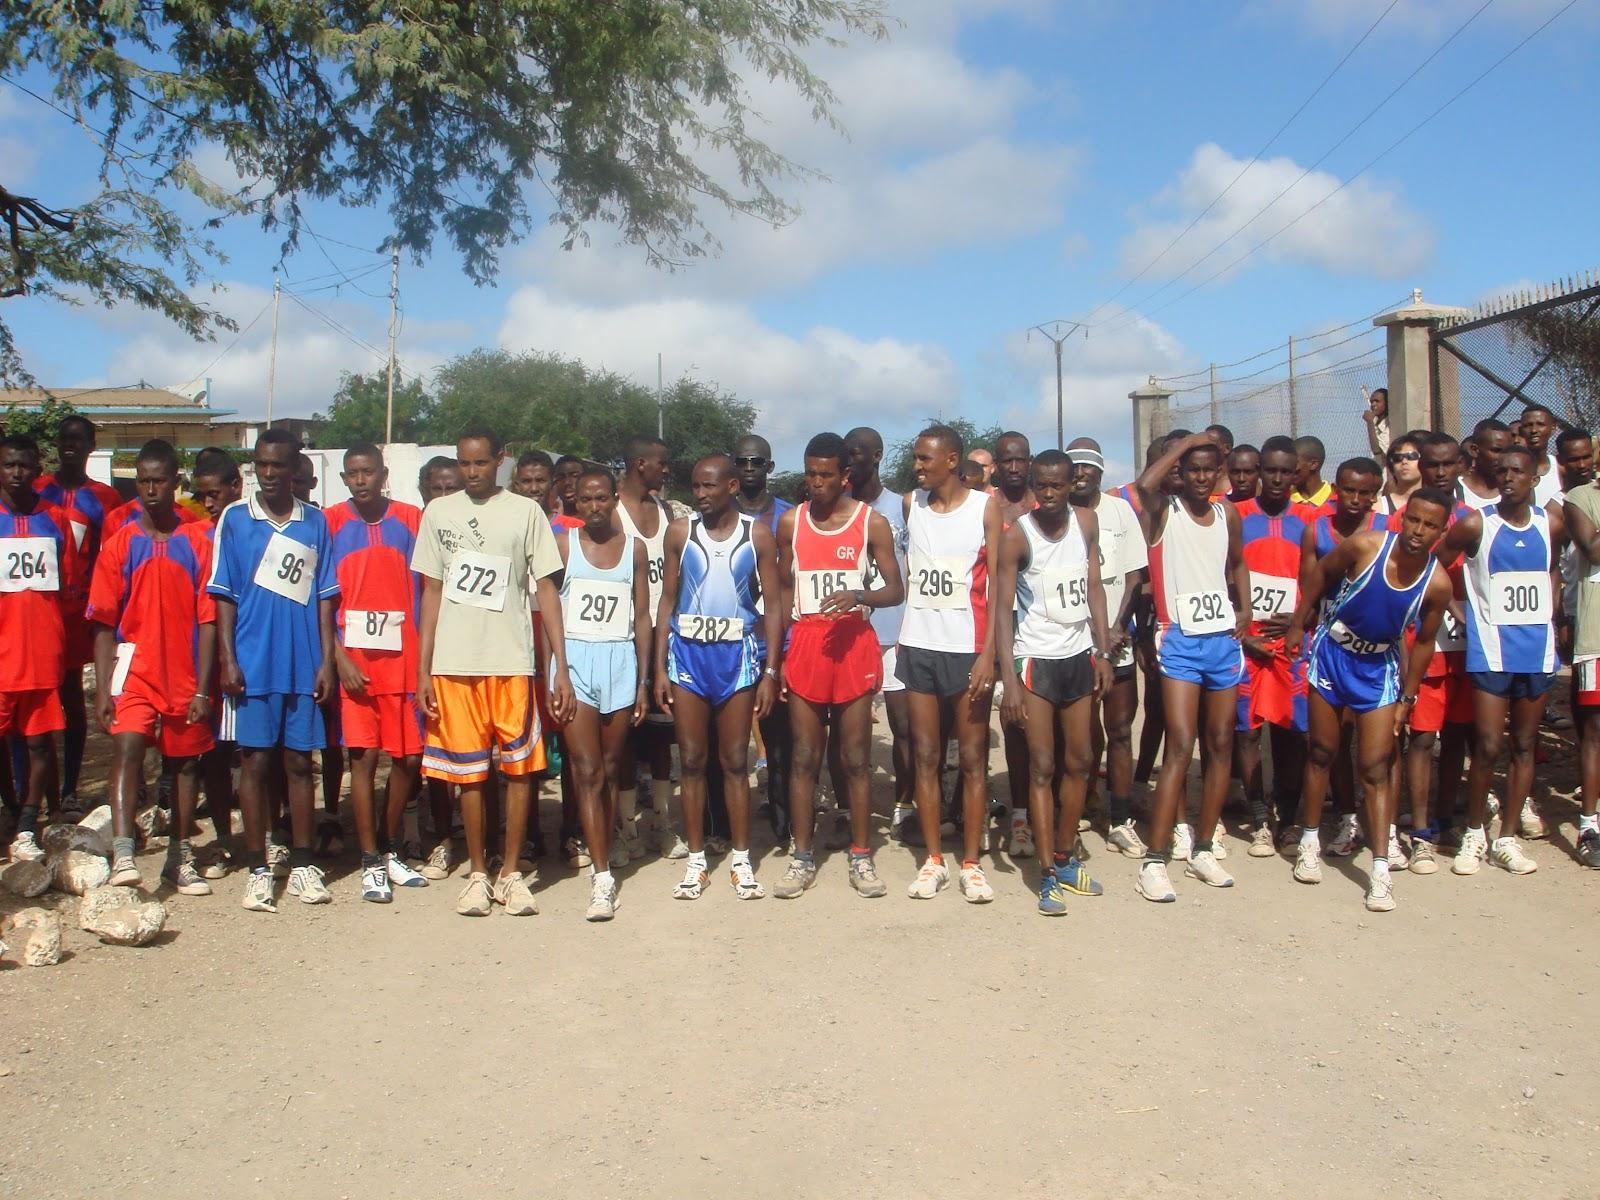 los keniatas corren en ayunas